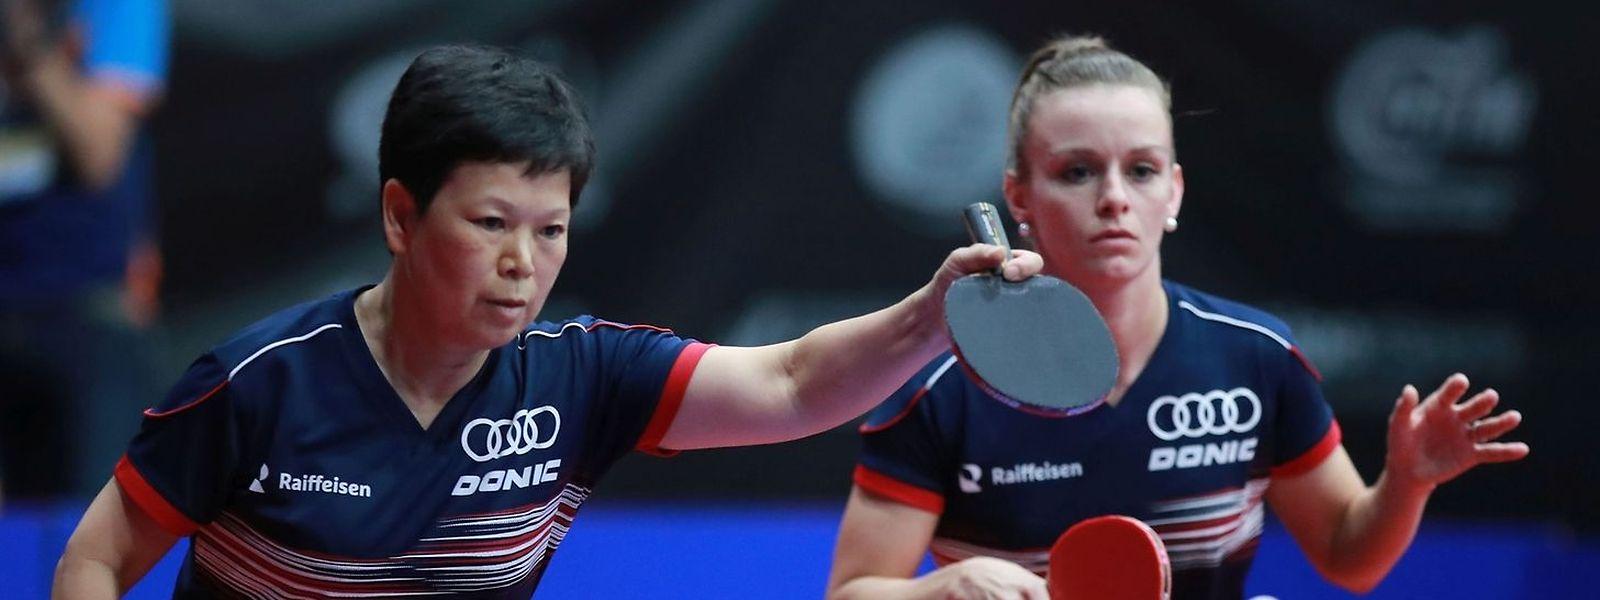 Ni Xia Lian und Sarah de Nutte (r.) könnten im Doppel weit kommen.